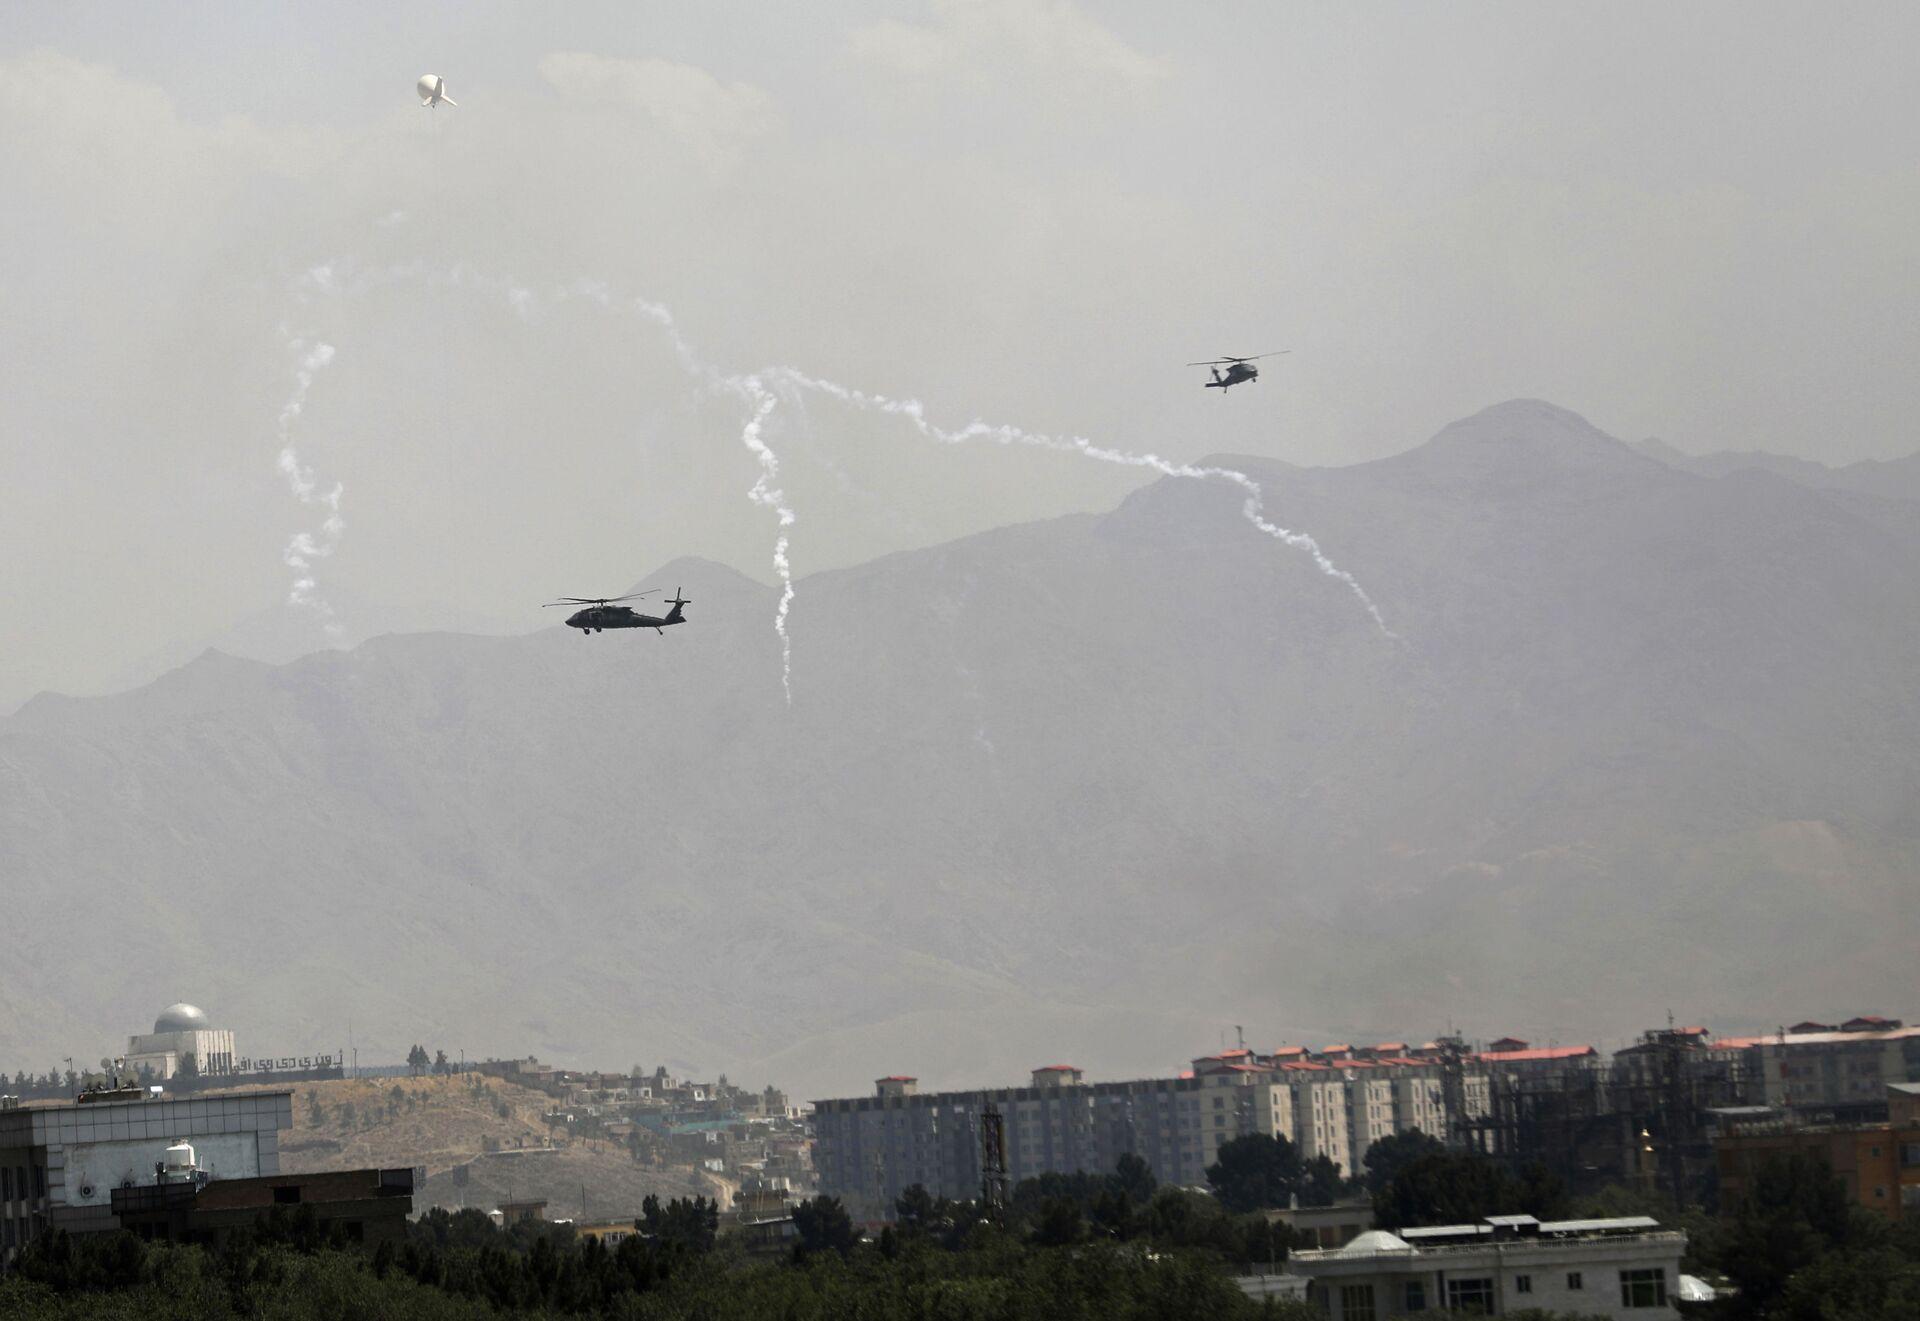 Wabiki przeciwrakietowe zostają uruchomione, gdy śmigłowce USA Black Hawk i balon sterowca przelatują nad miastem Kabul w Afganistanie, niedziela, 15 sierpnia 2021 roku - Sputnik Polska, 1920, 16.08.2021